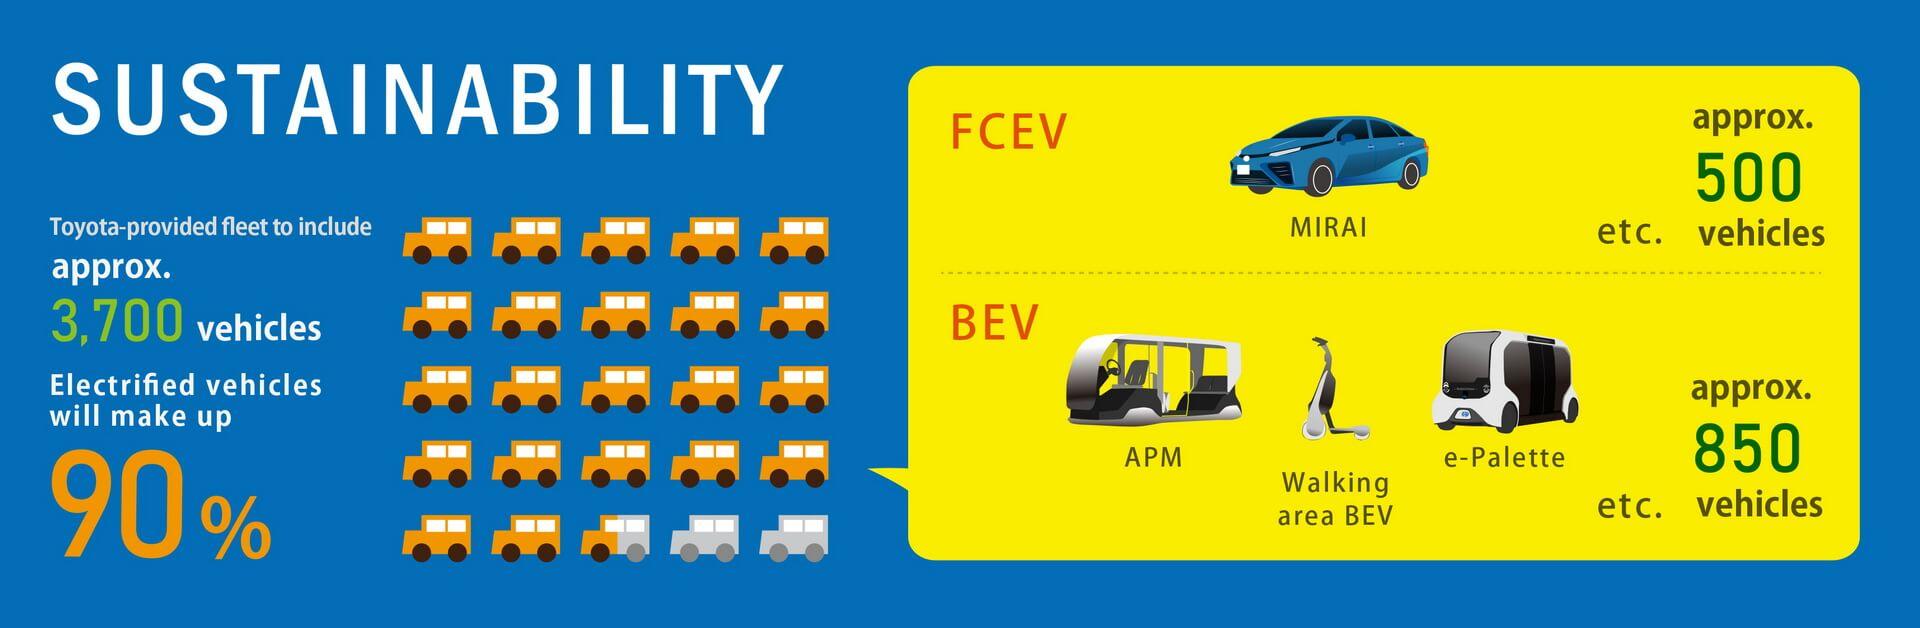 Toyota представит 3700 мобильных продуктов и транспортных средств